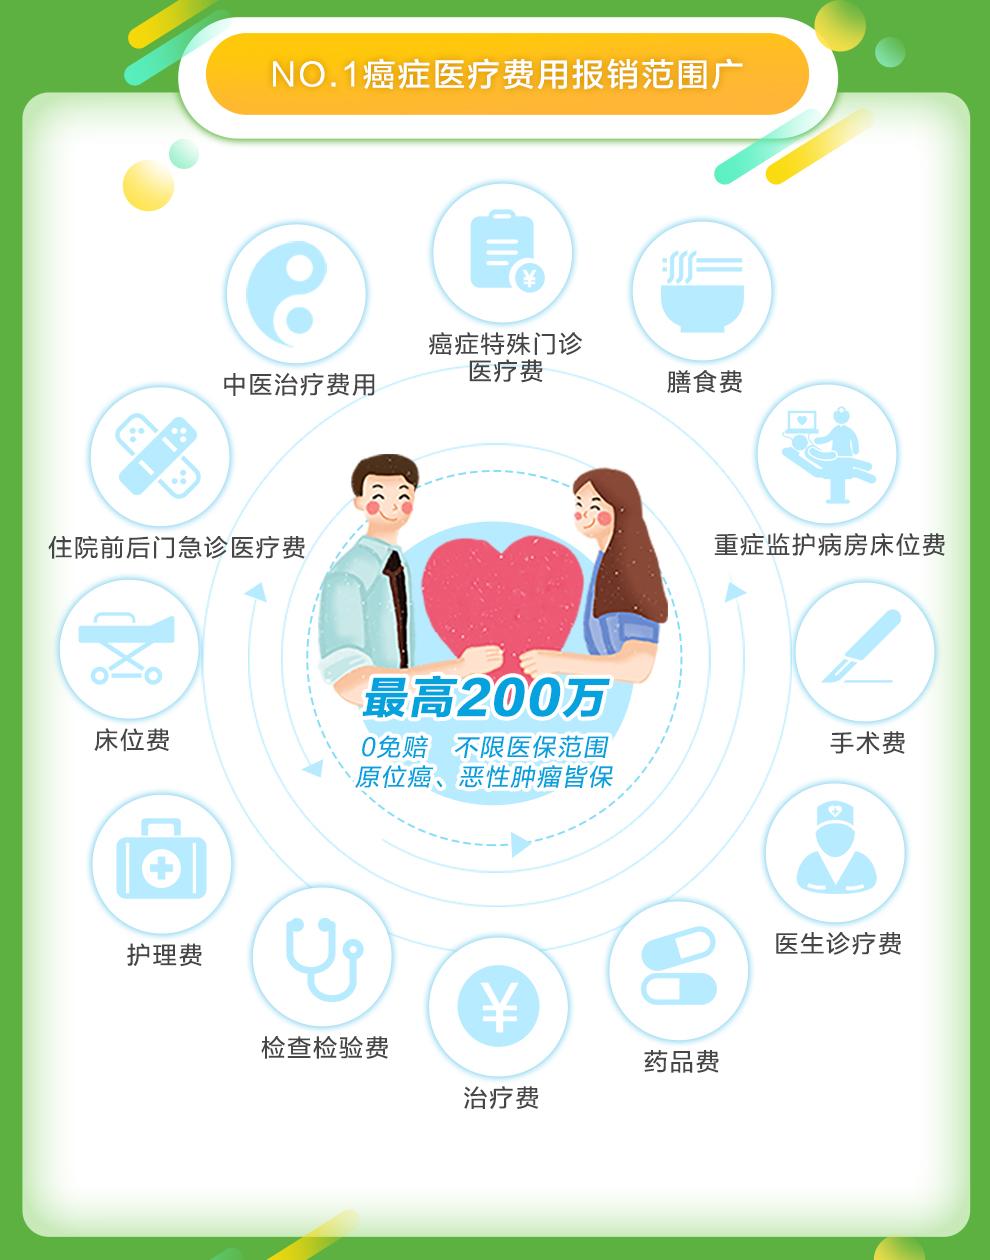 安享一生癌症医疗保险(国内版有社保)_03.jpg